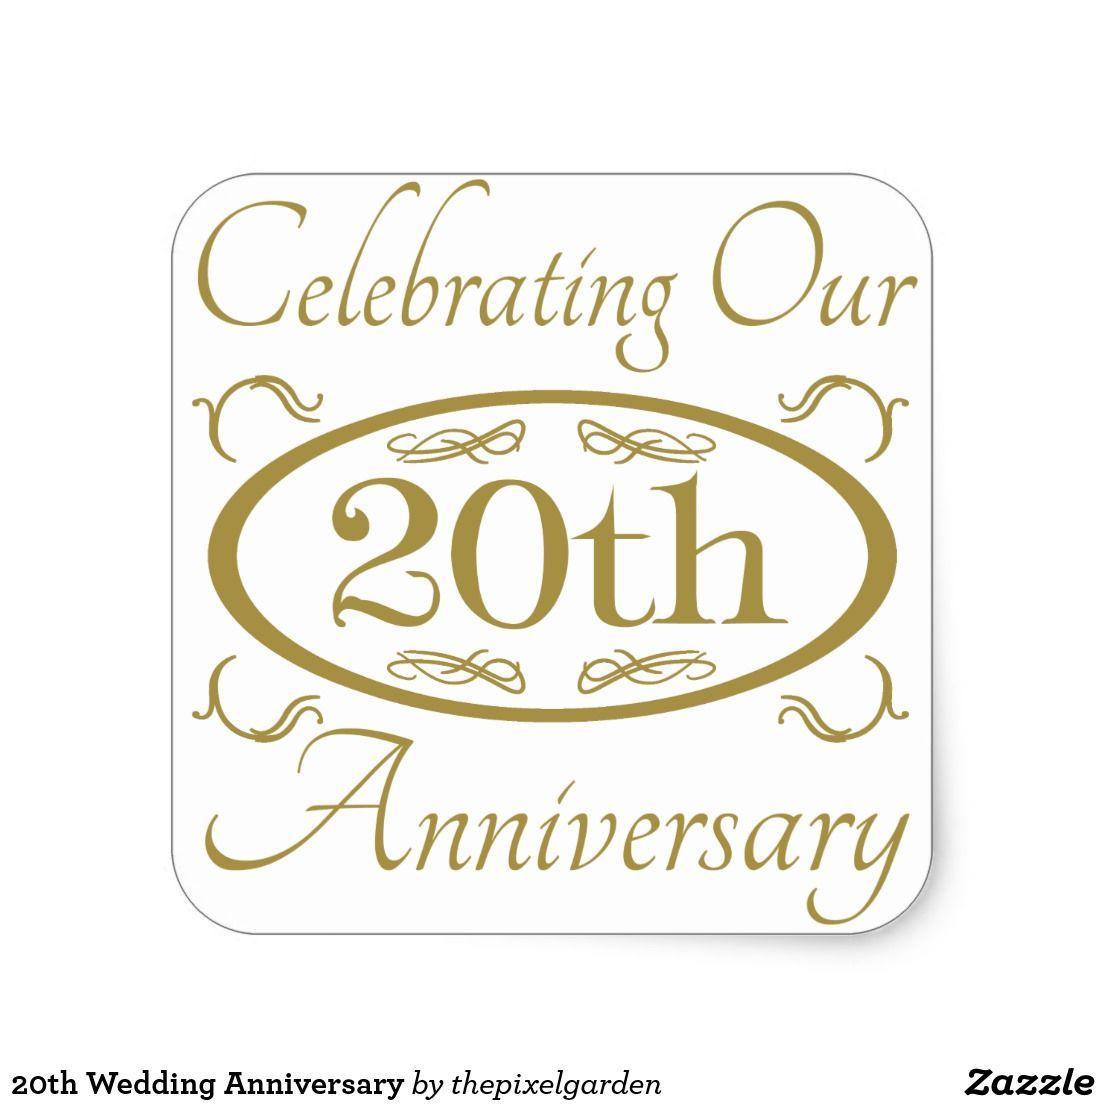 20th Wedding Anniversary Square Sticker 20th Anniversary Wedding 20 Wedding Anniversary Anniversary Plans